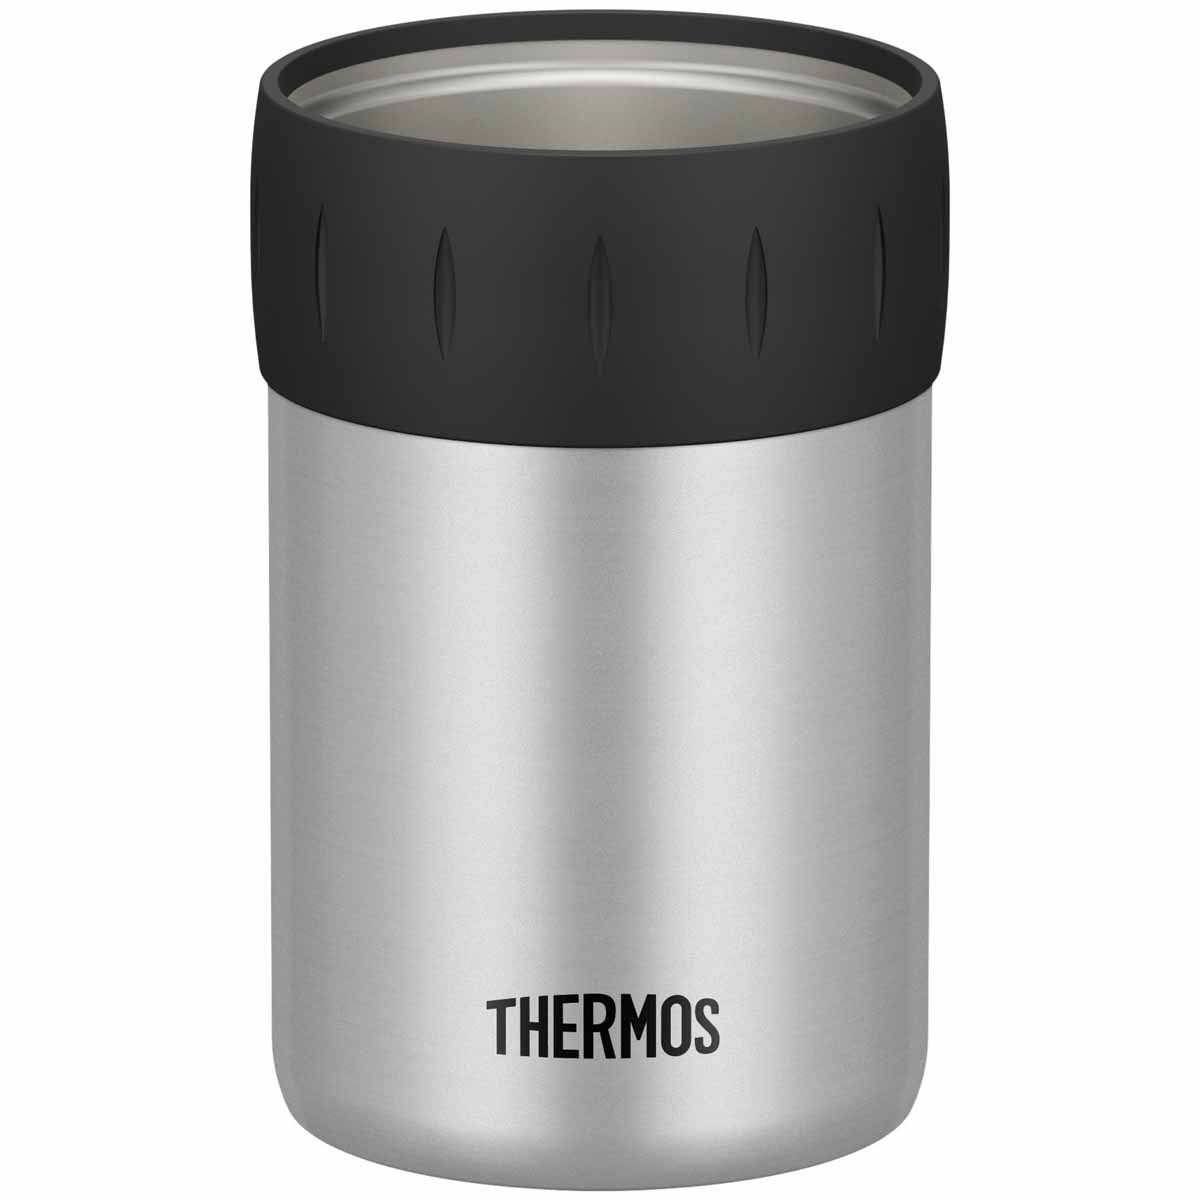 サーモス THERMOS 保冷缶ホルダー 350ml缶用 シルバー